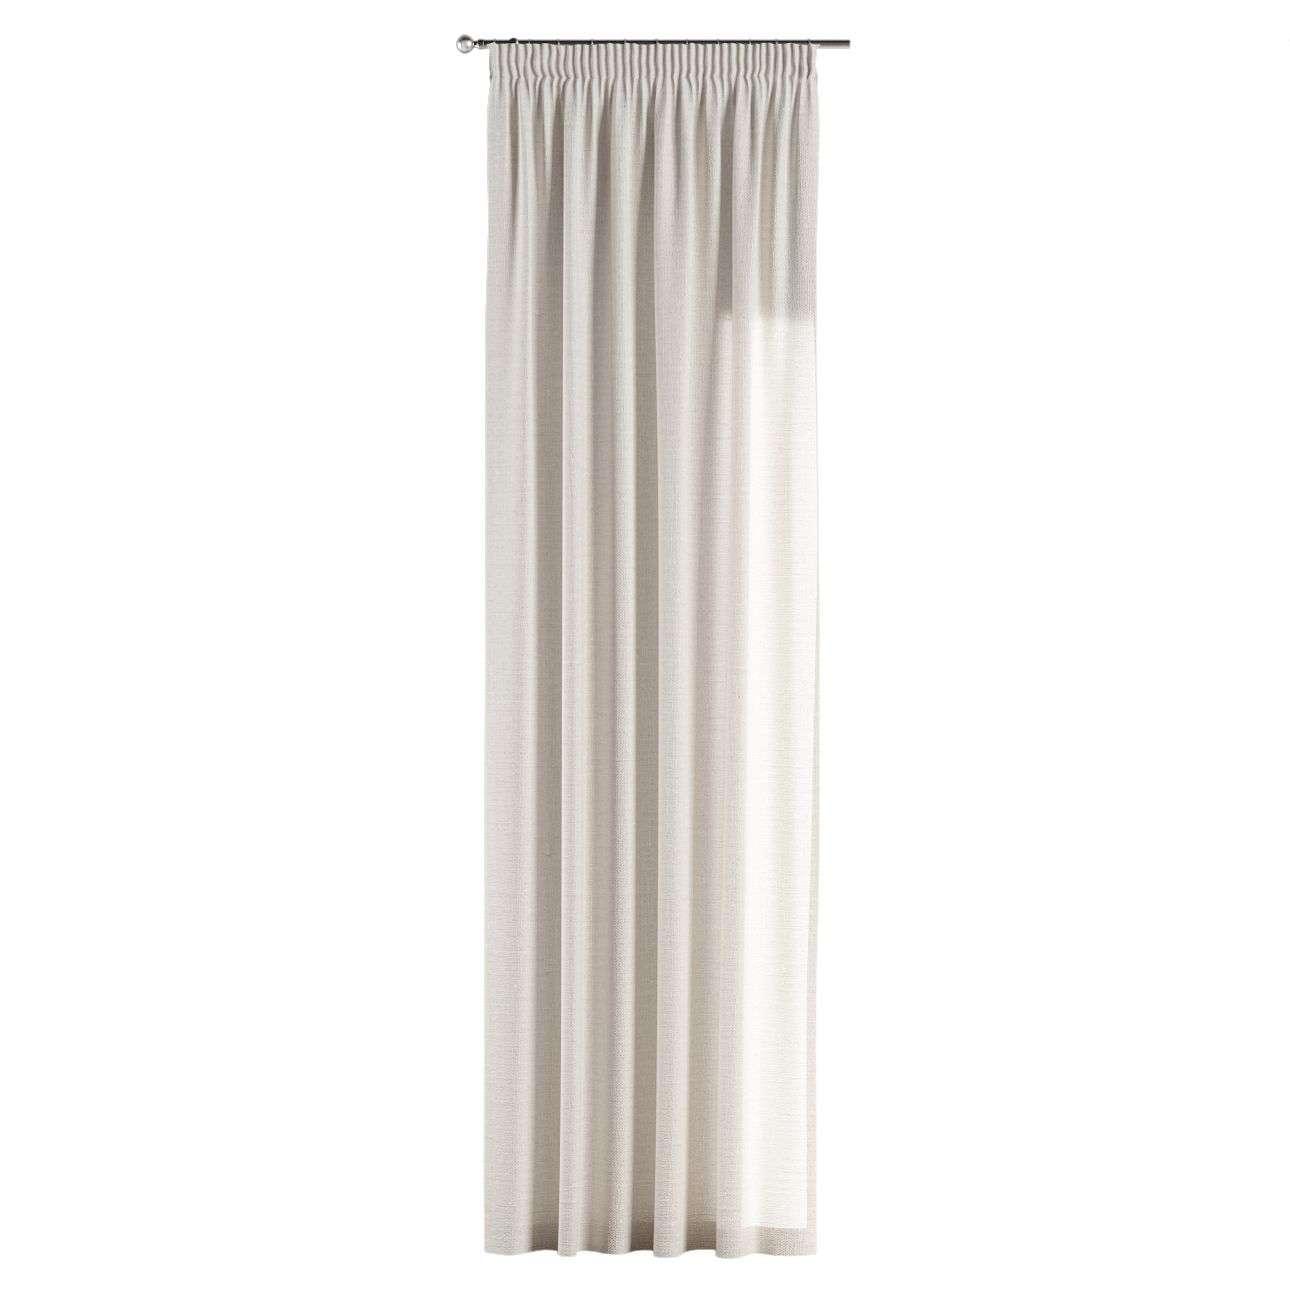 Zasłona na taśmie marszczącej 1 szt. 1szt 130x260 cm w kolekcji Linen, tkanina: 392-04